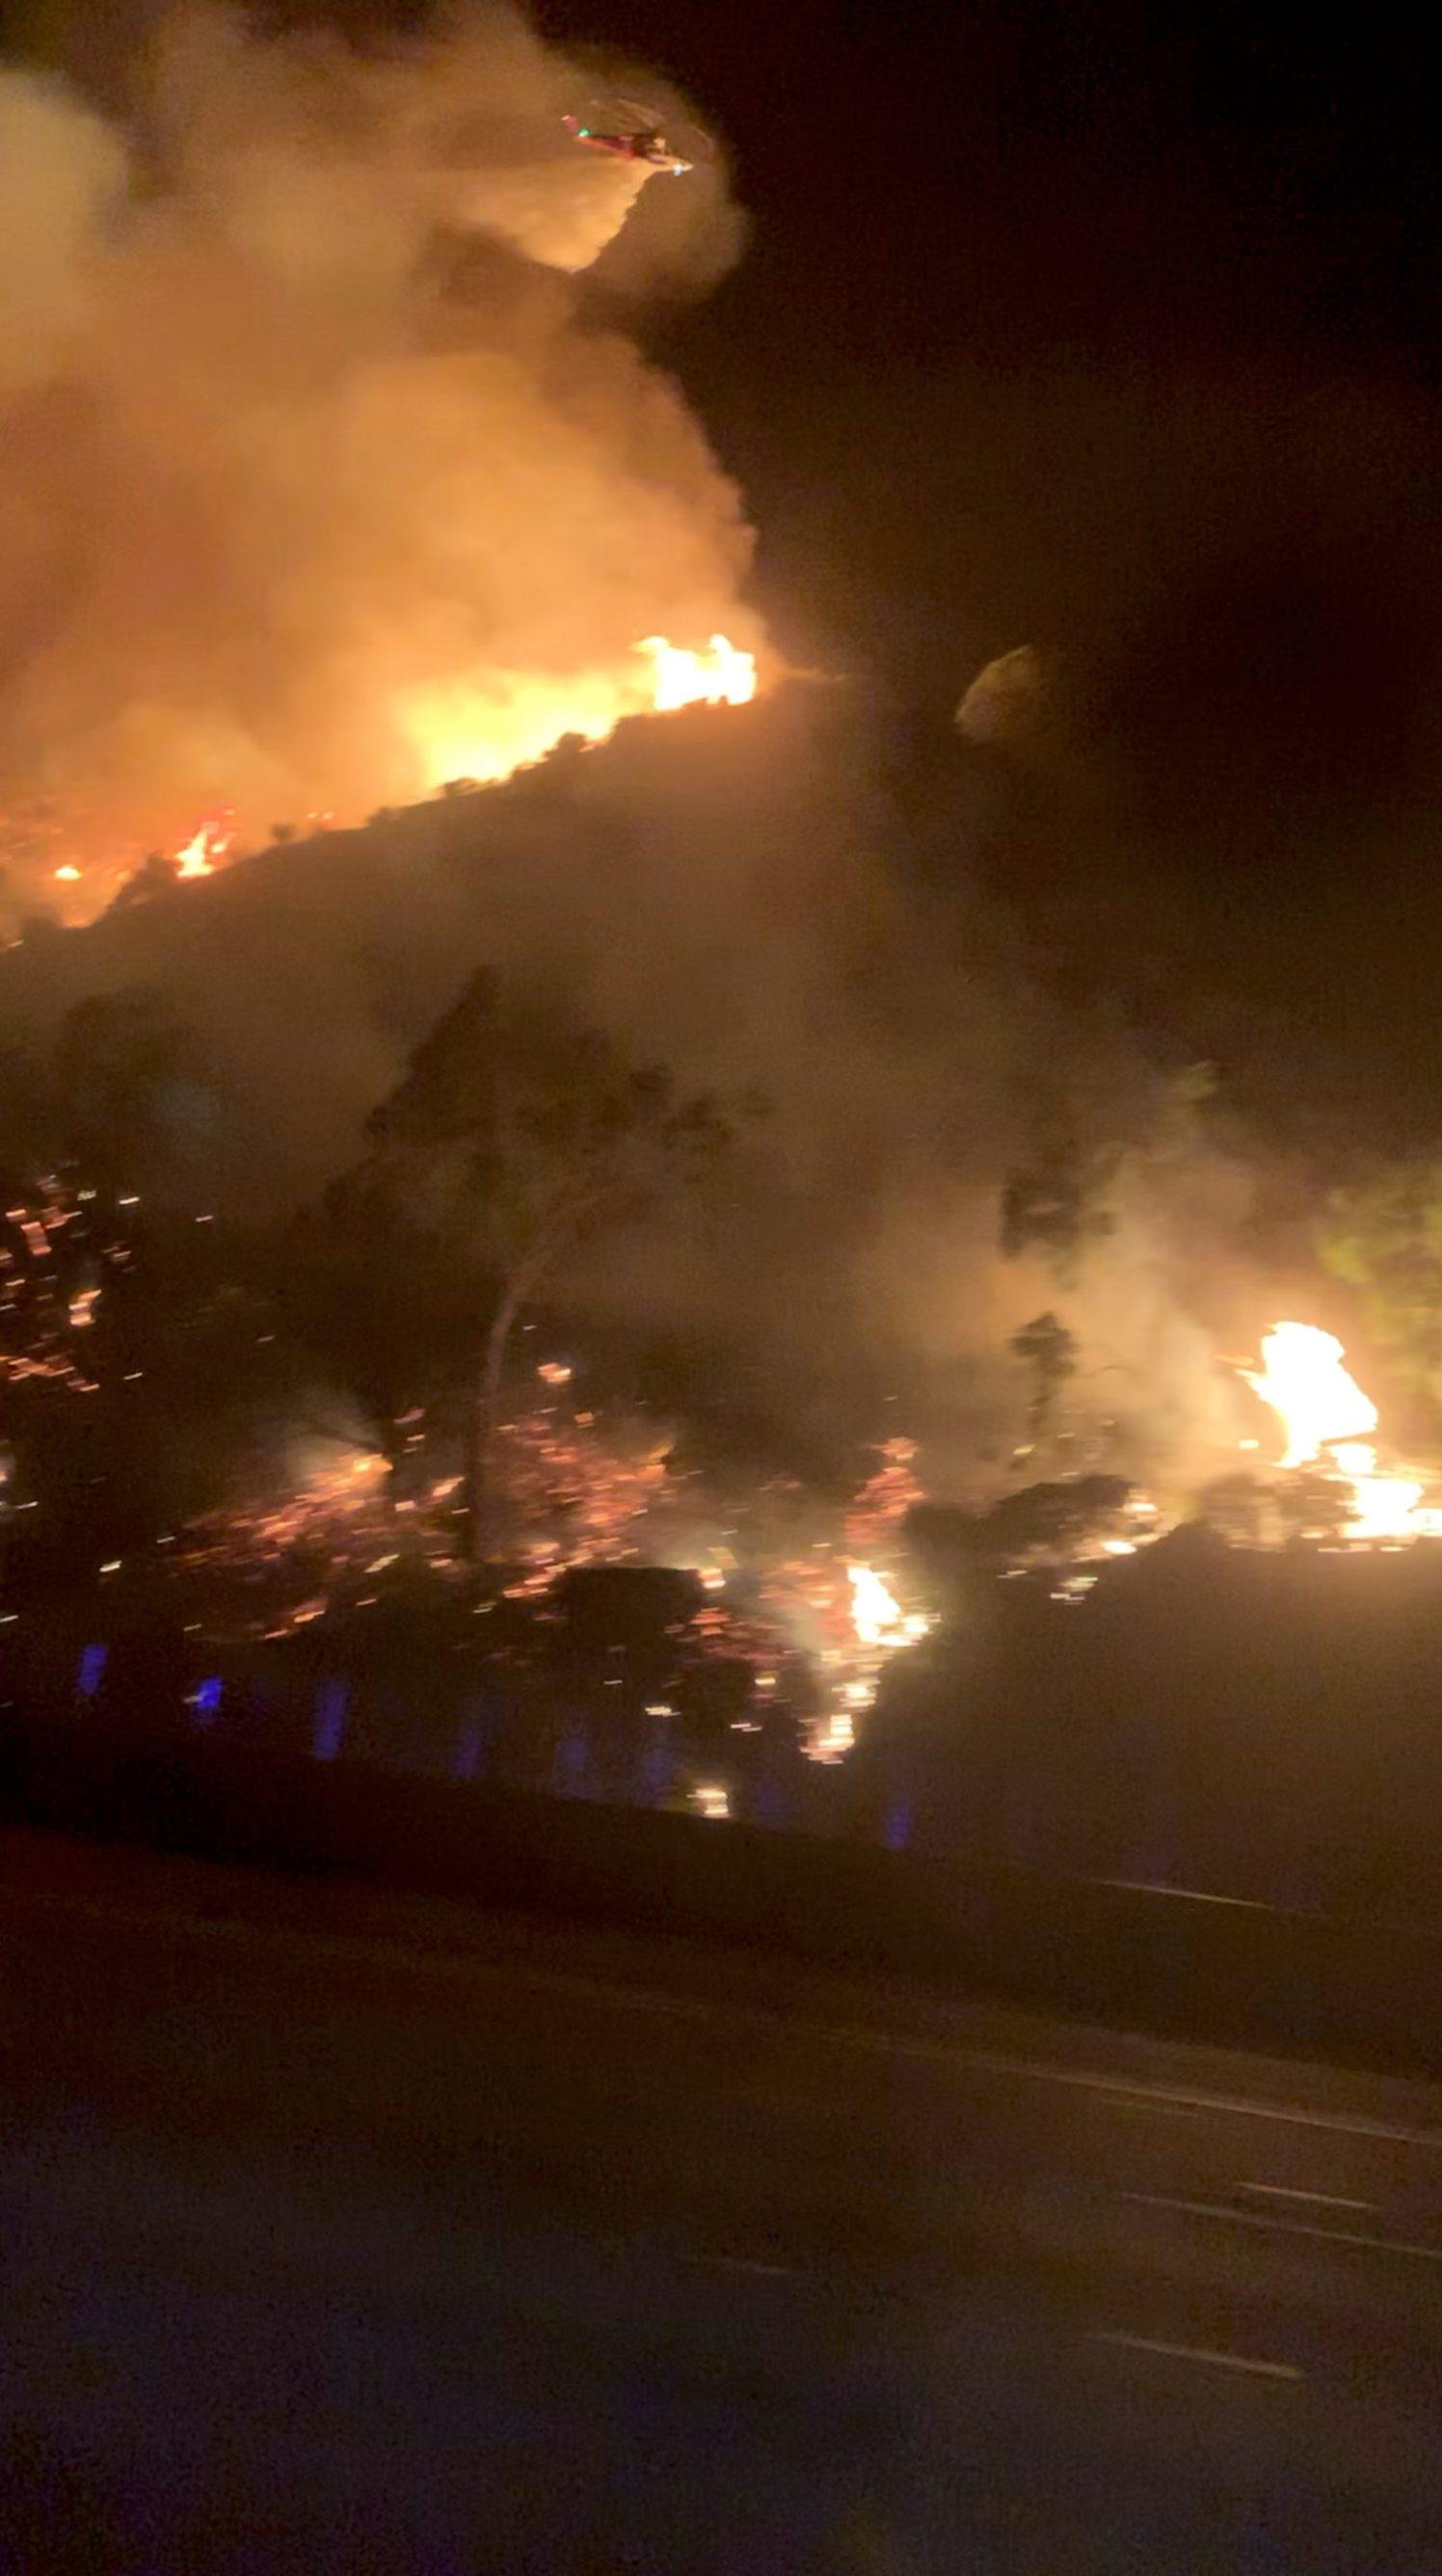 2019-10-28T124110Z_1287350944_RC152803E160_RTRMADP_3_CALIFORNIA-WILDFIRE